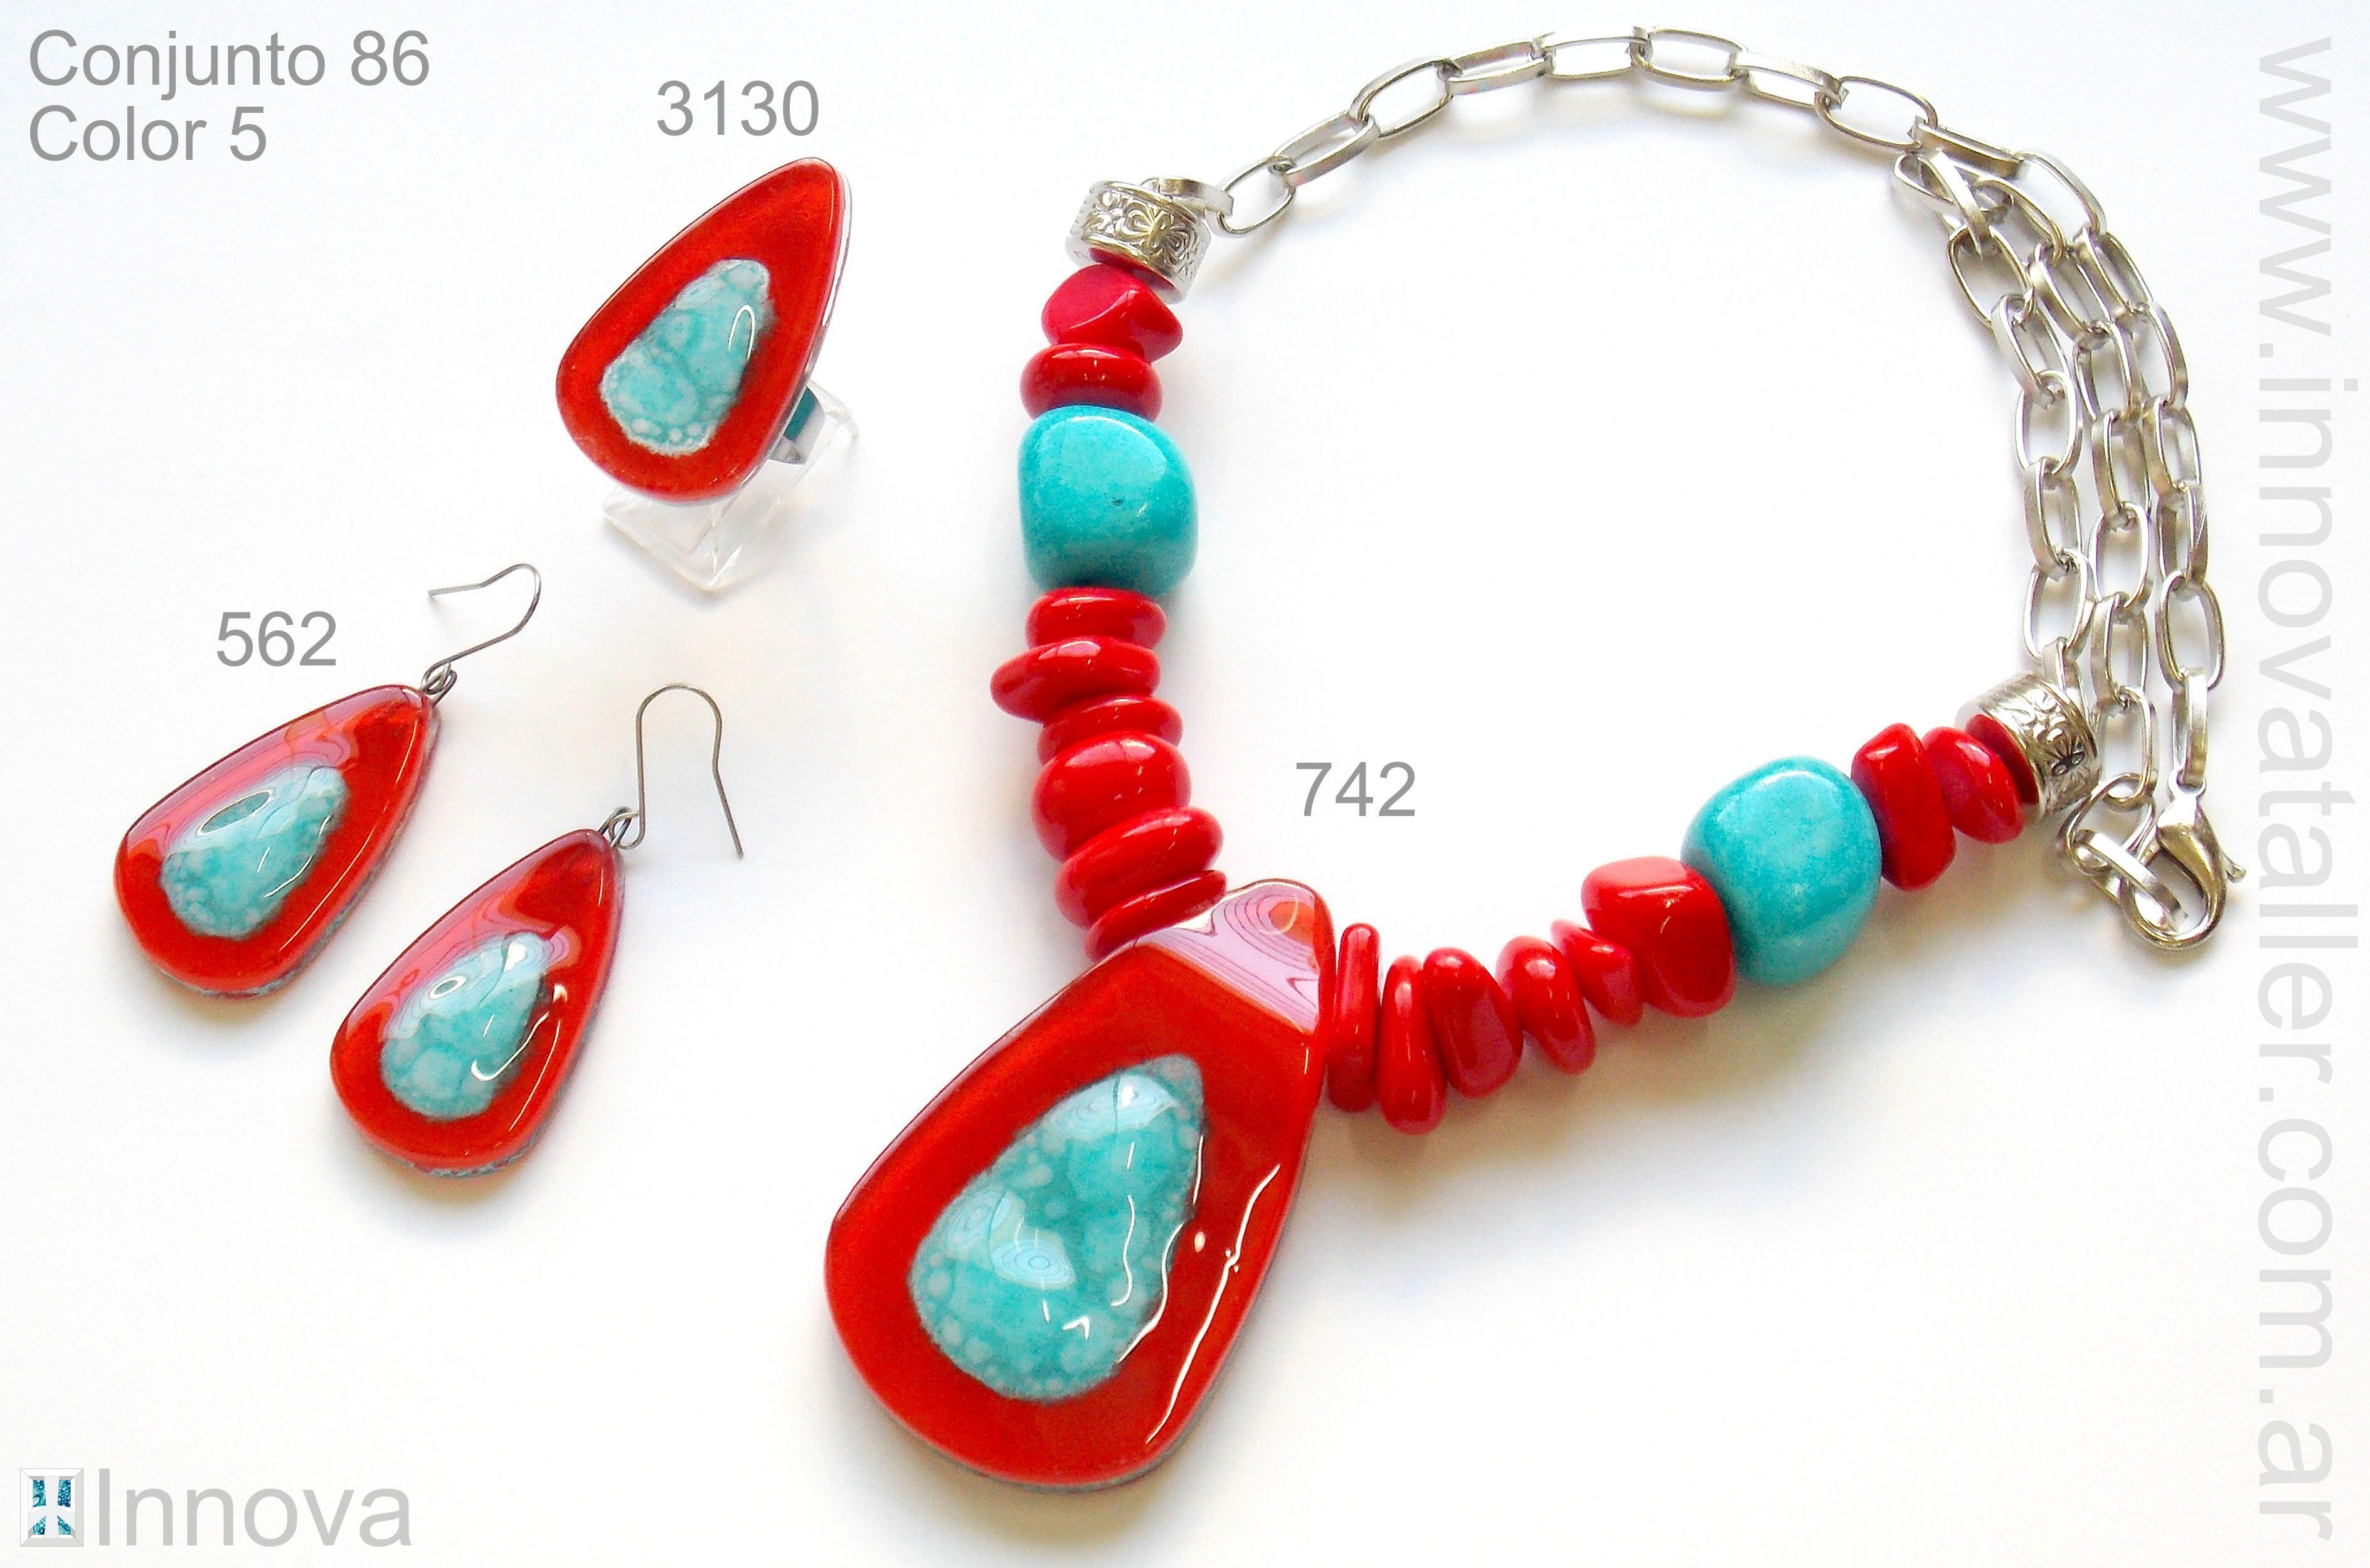 1a612609b5e7 Innova es una empresa argentina dedicada al diseño y produccion artesanal  de joyas